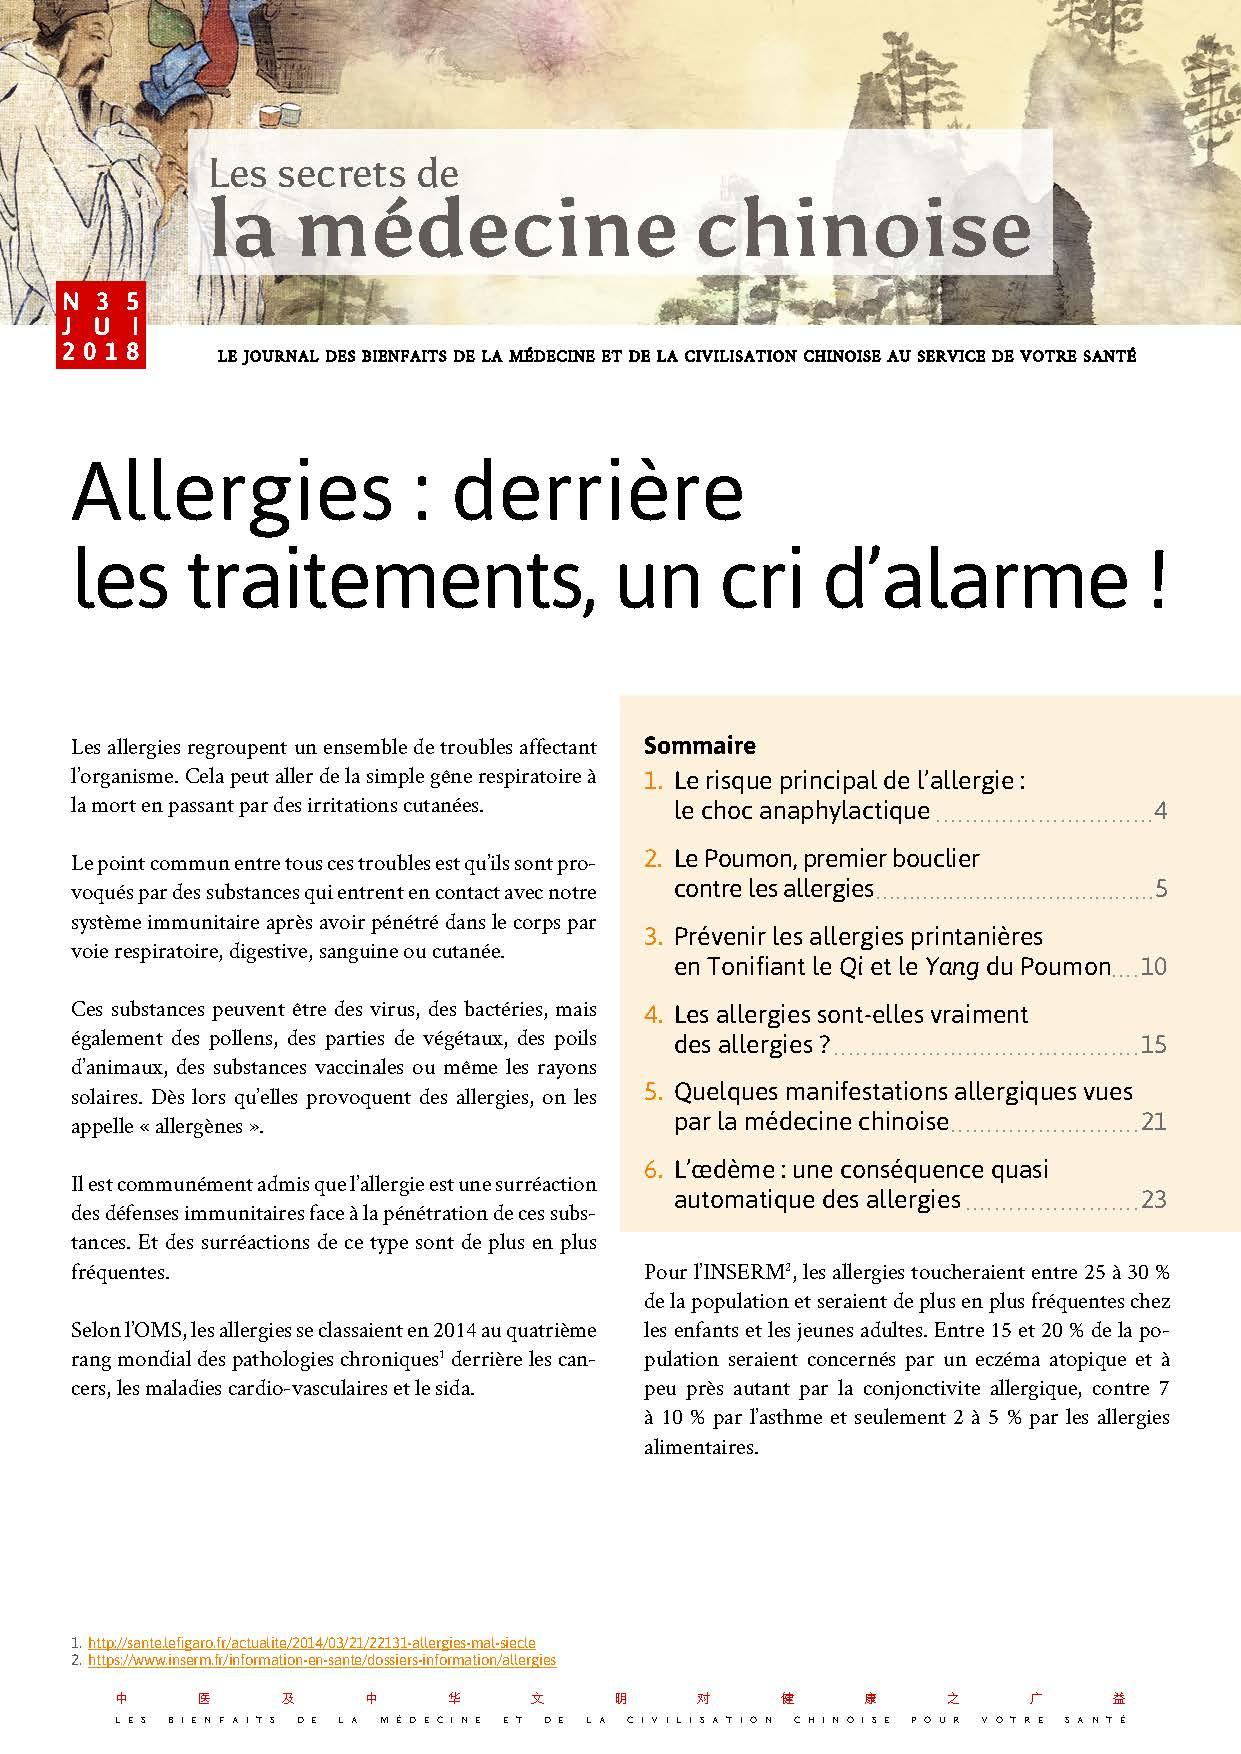 35 - Juillet-2018-Allergies-derriere-les-traitements-un-cri-d-alarme-SD